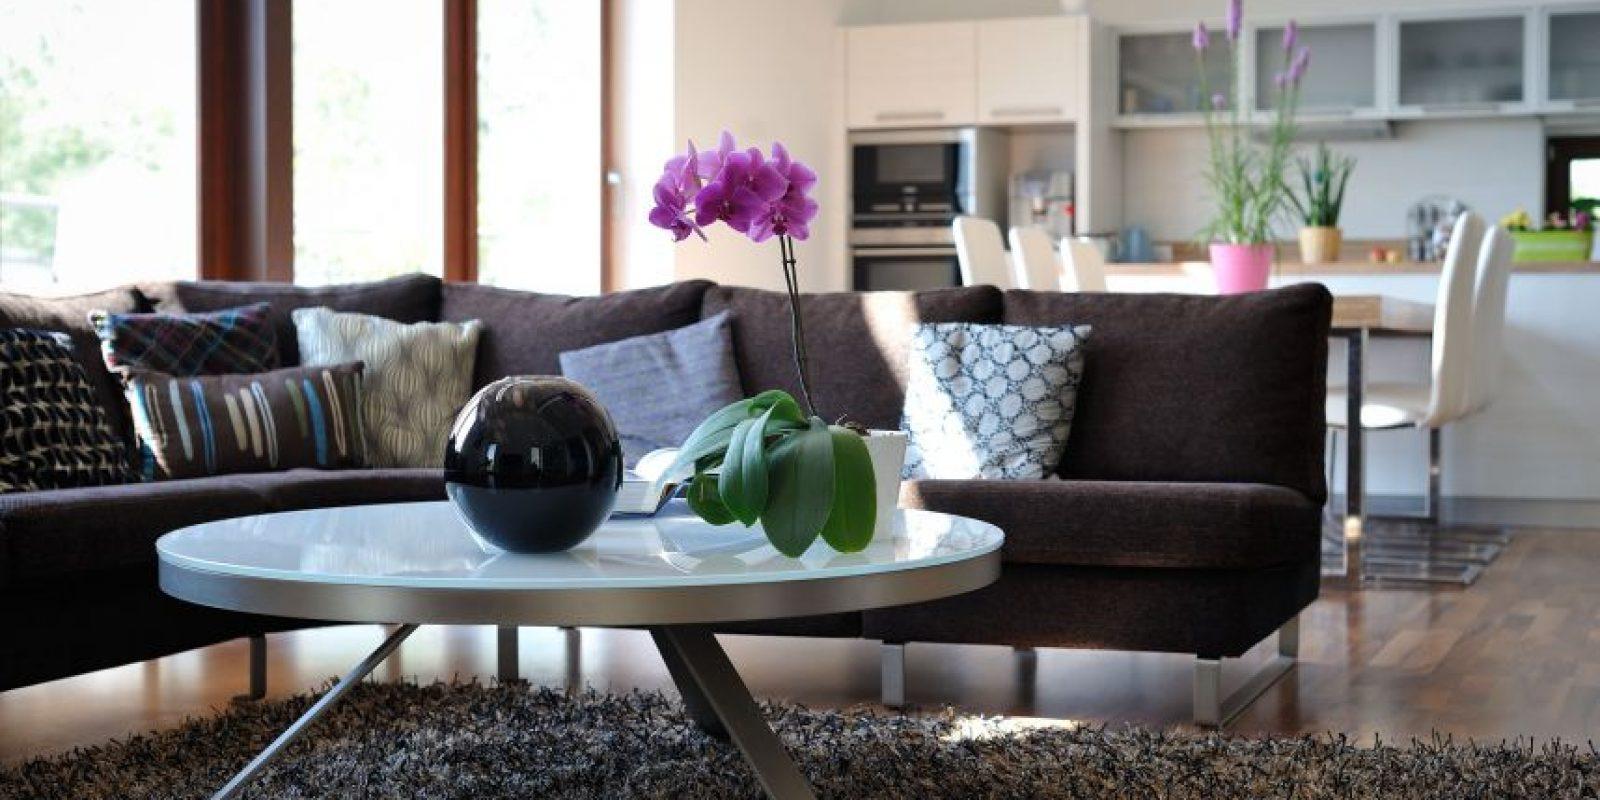 Pequeños detalles como flores o un tapizado le dan un toque diferente a tu casa. Foto:Fuente externa